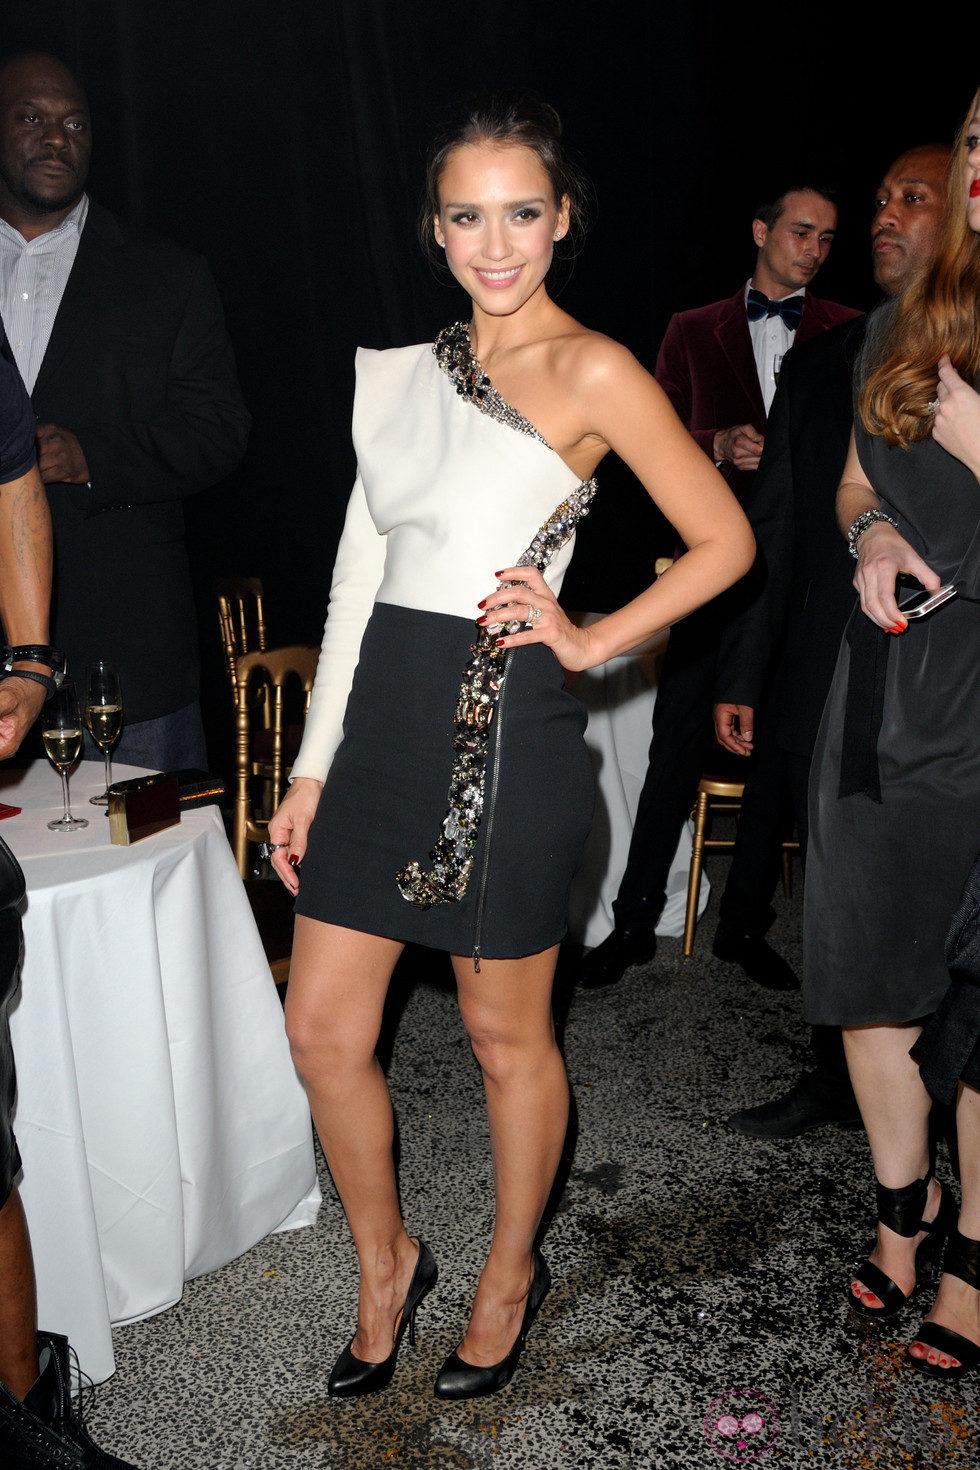 Jessica Alba con diseño en blanco y negro de Lanvin en el front row de la firma